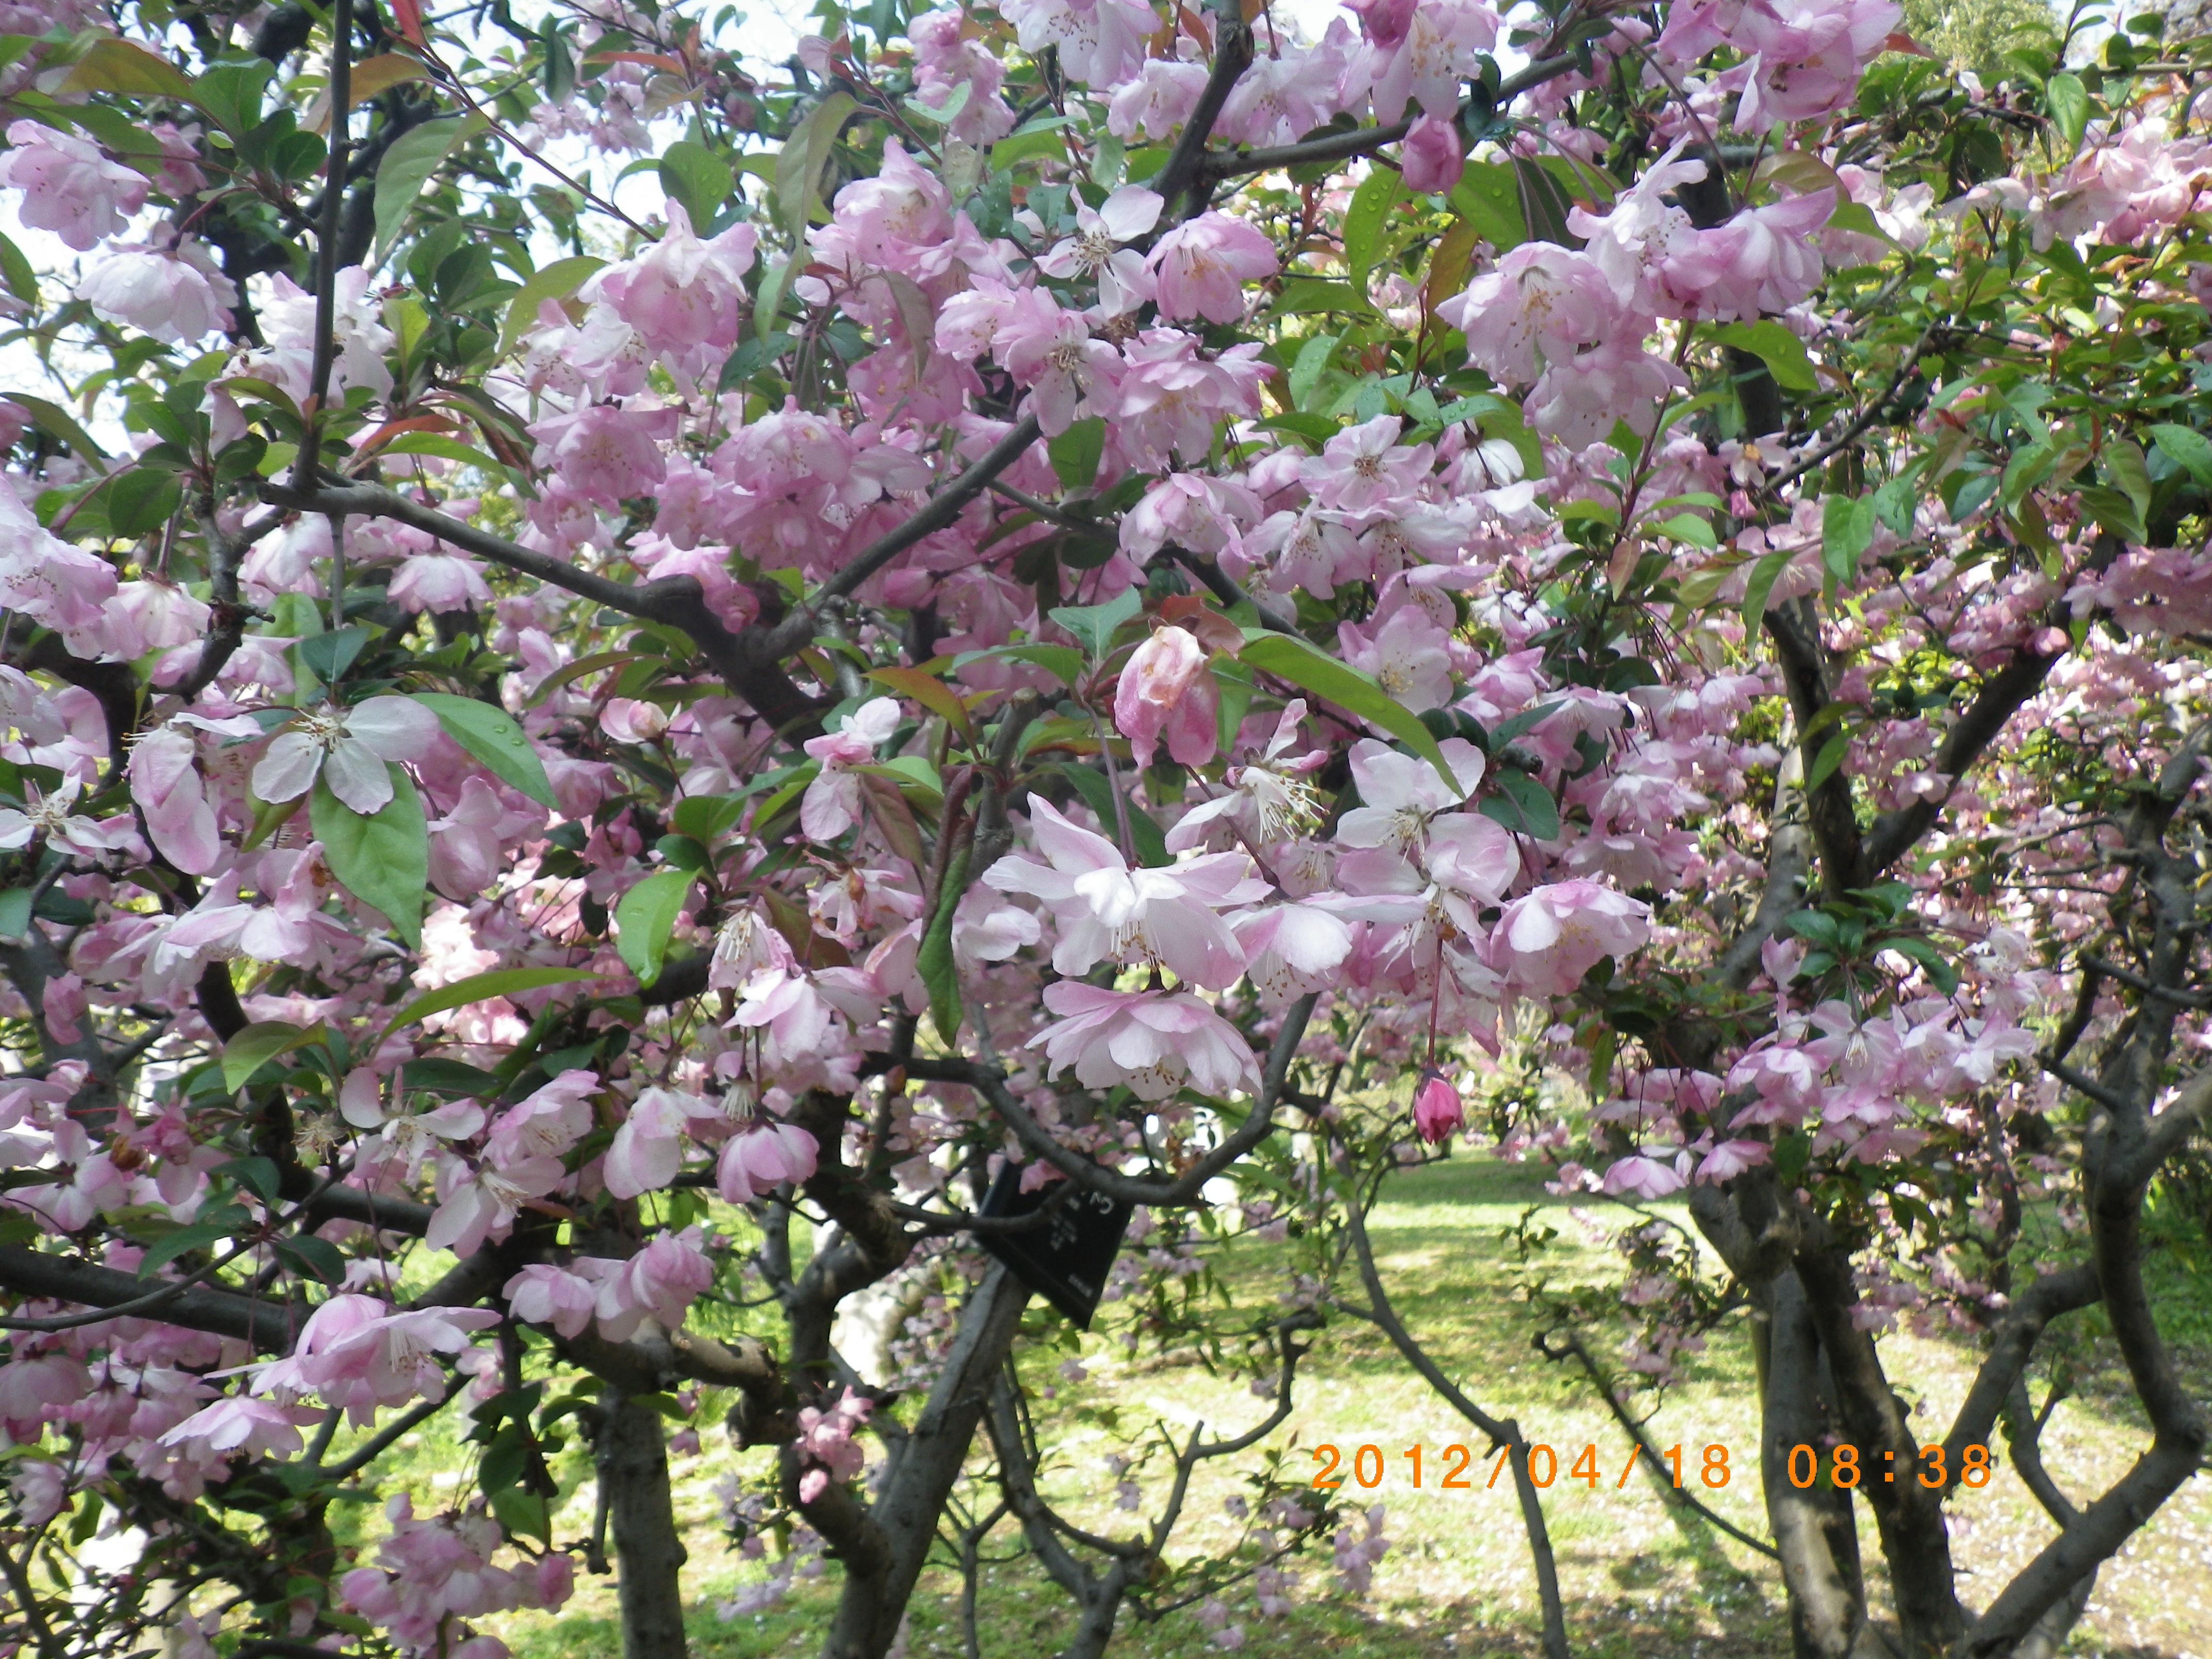 http://www.law-pro.jp/weblog/20120420.JPG